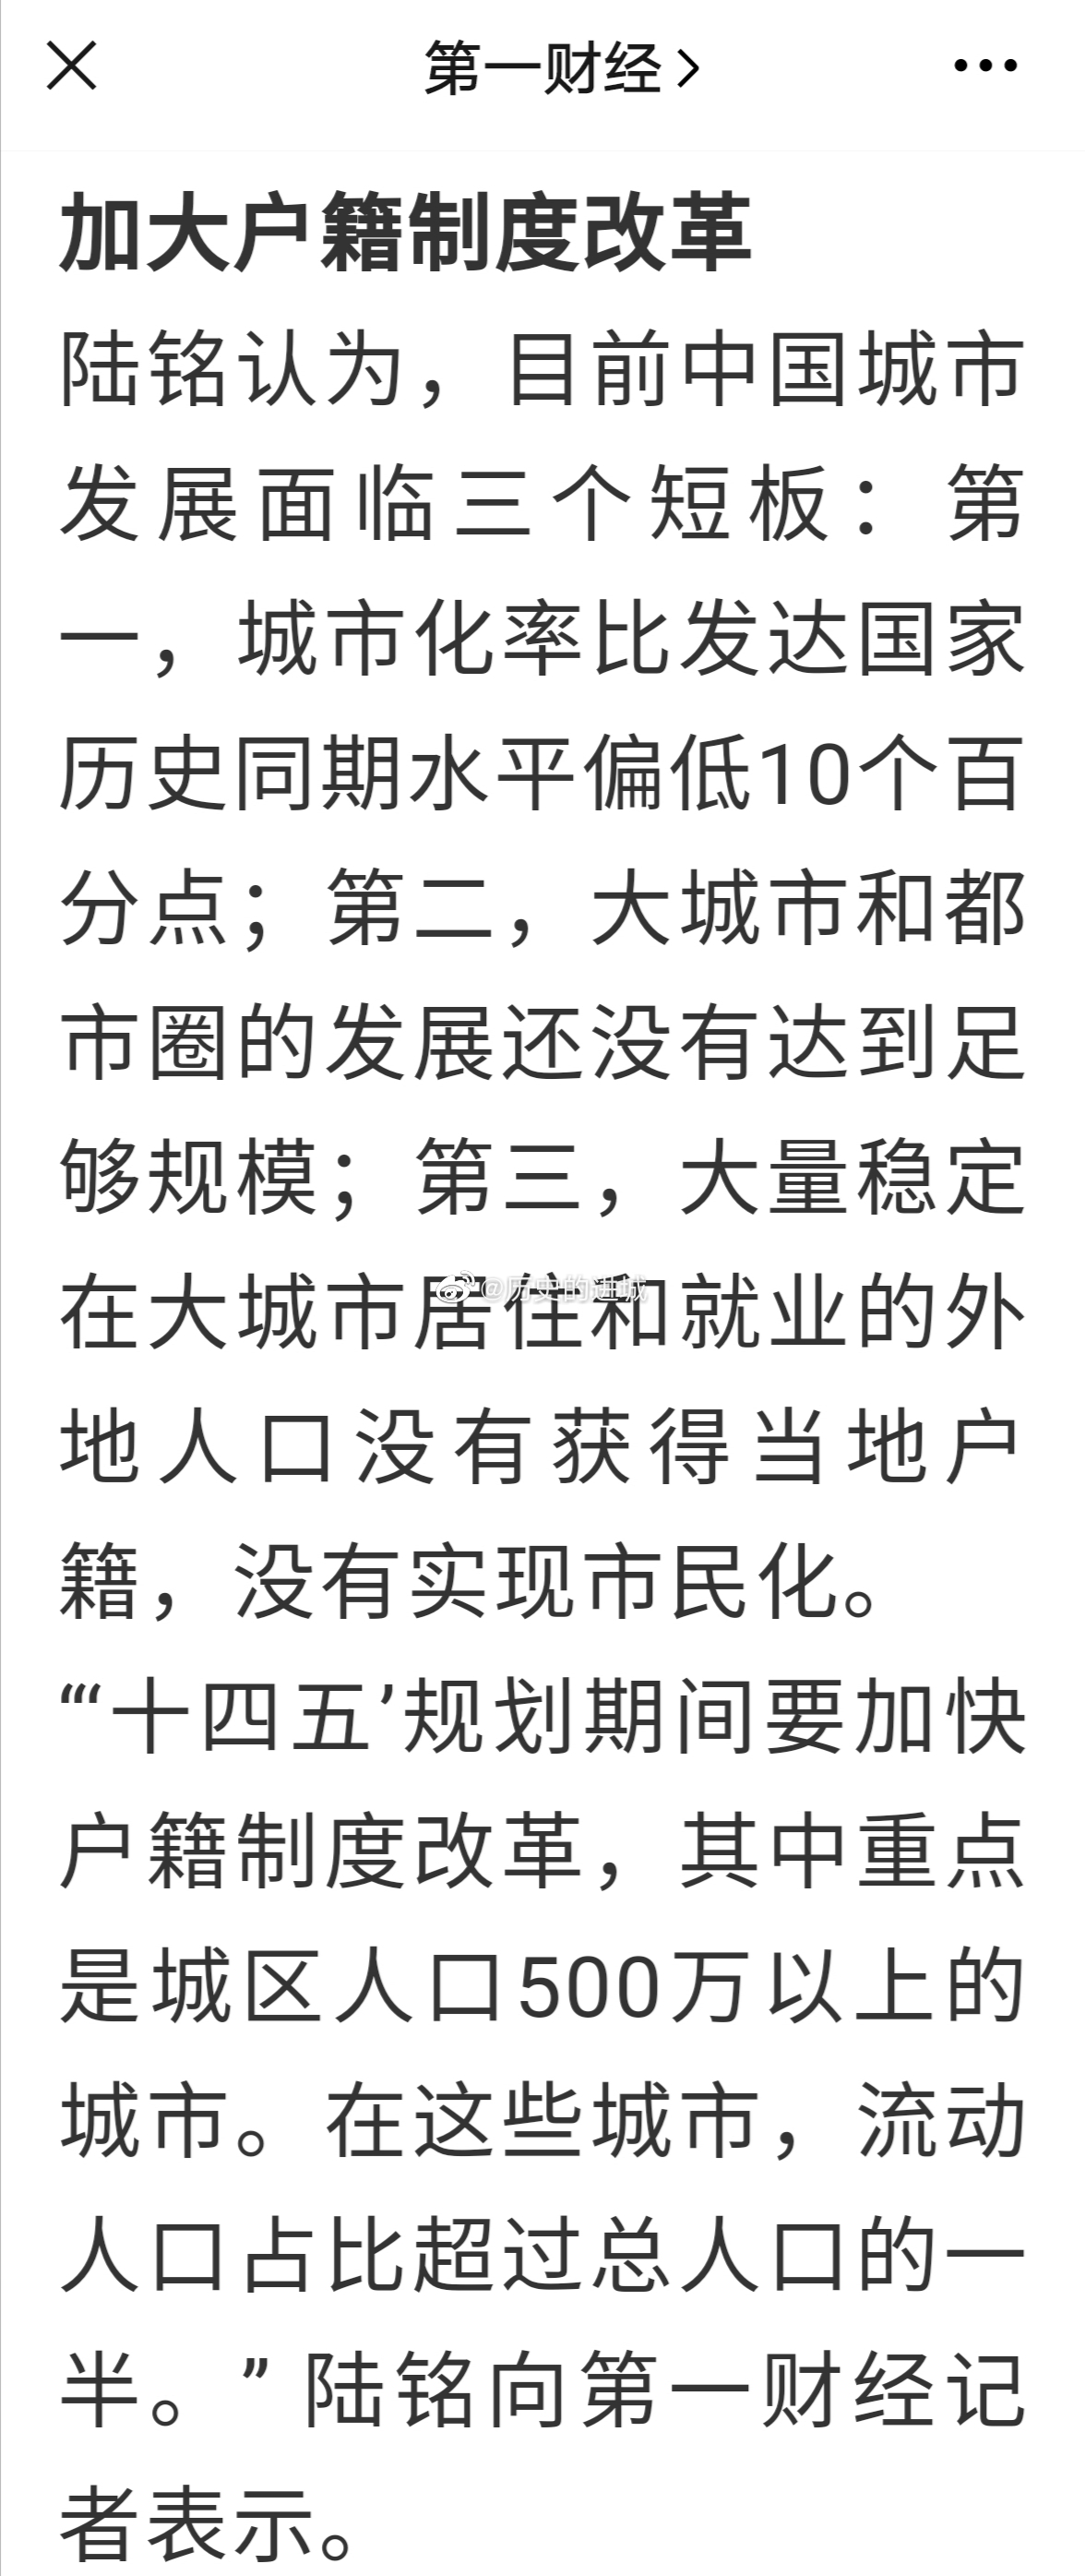 陆铭一直强调应当深化户籍制度改革